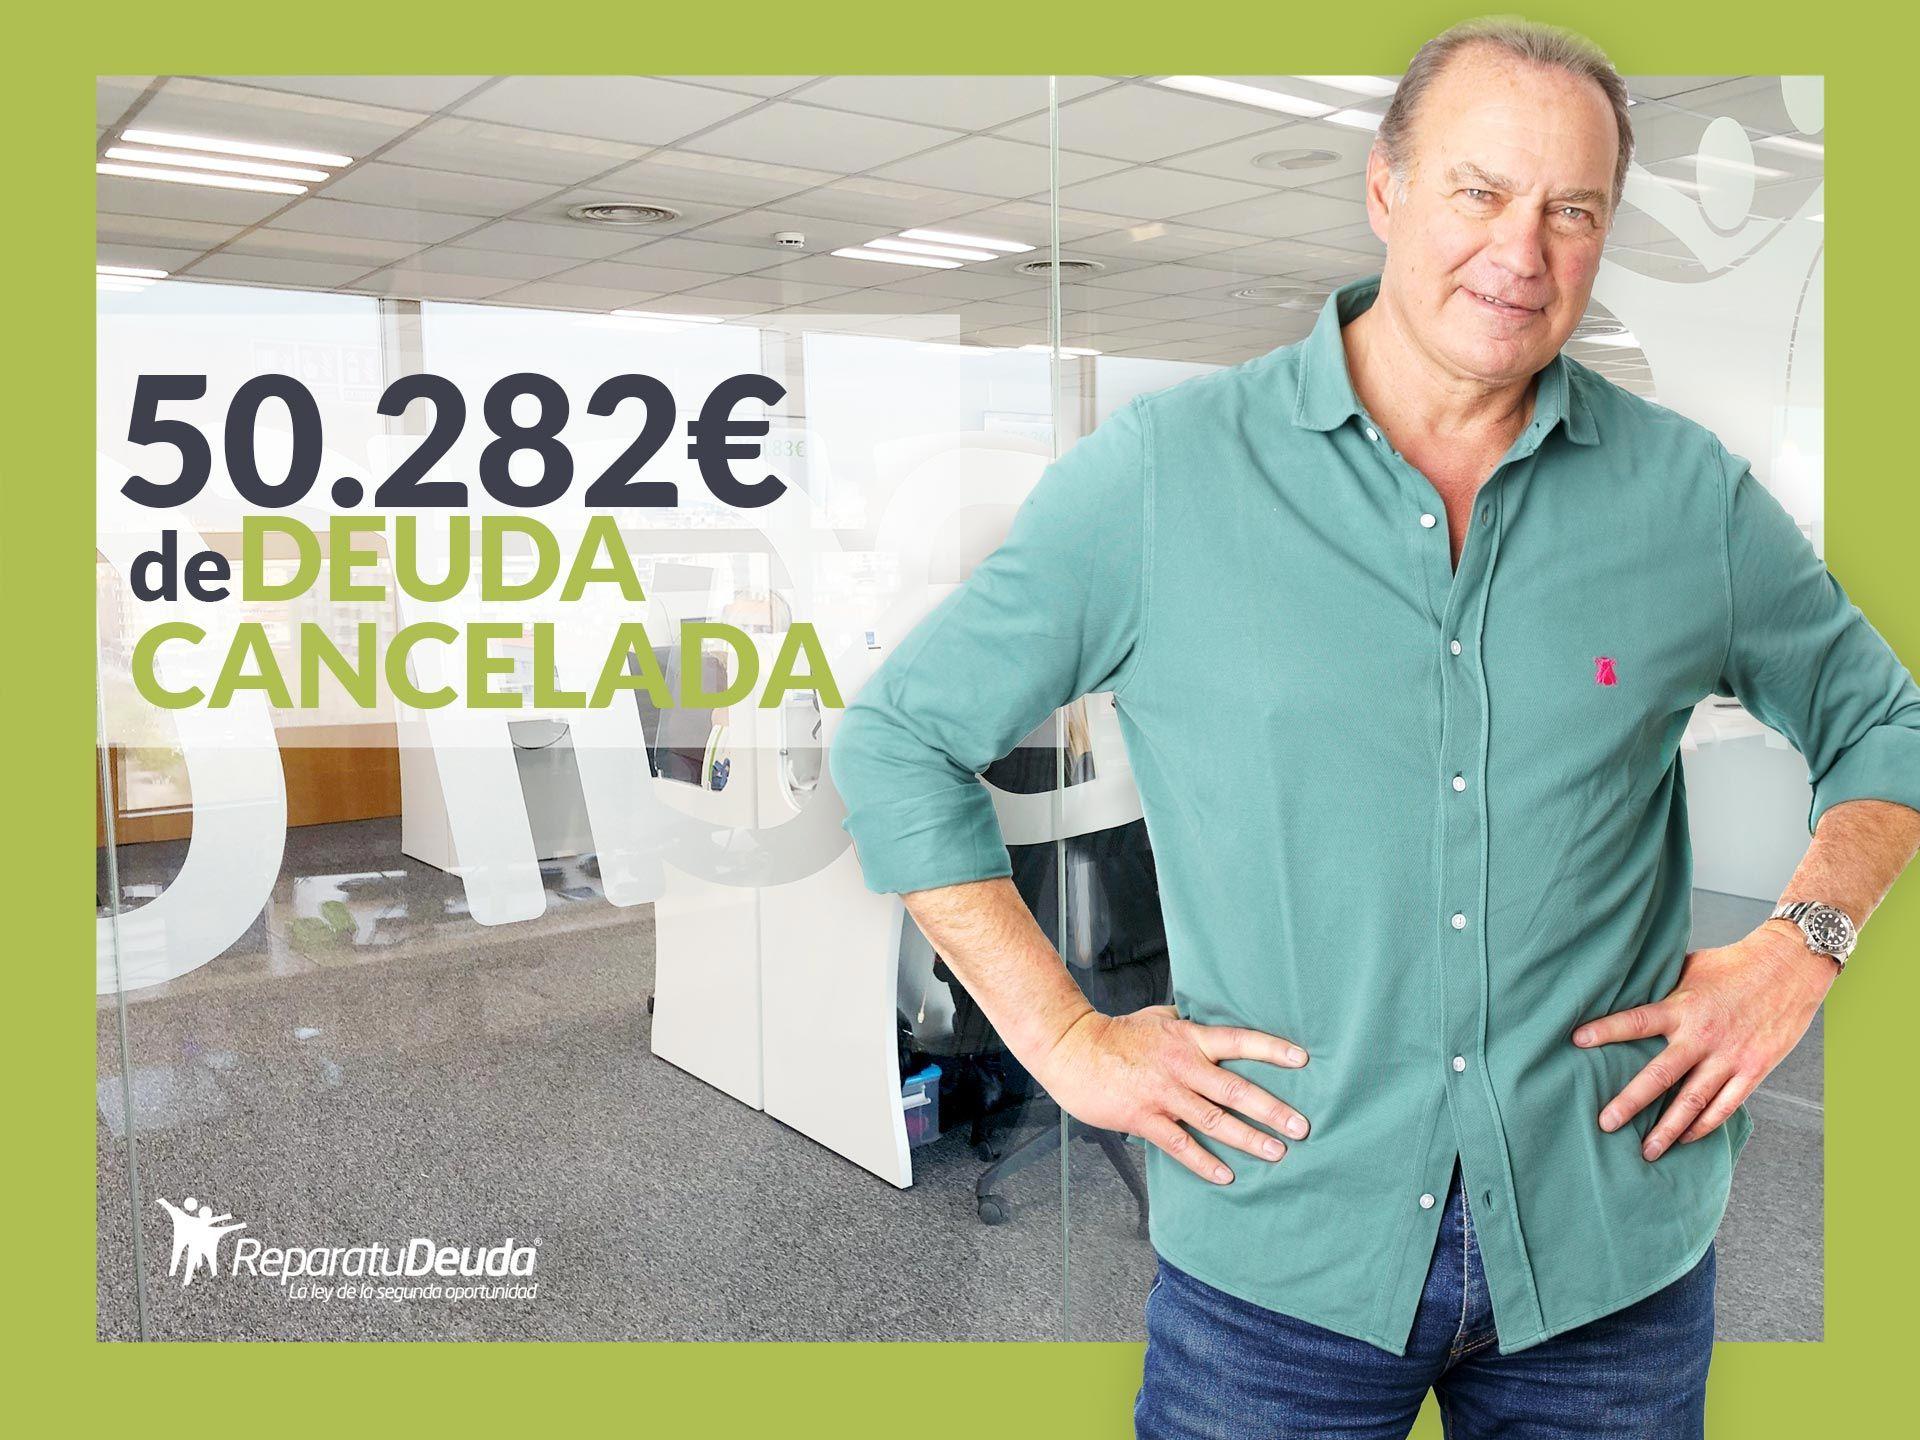 Repara tu Deuda abogados cancela 50.282? en Barcelona con la Ley de Segunda Oportunidad